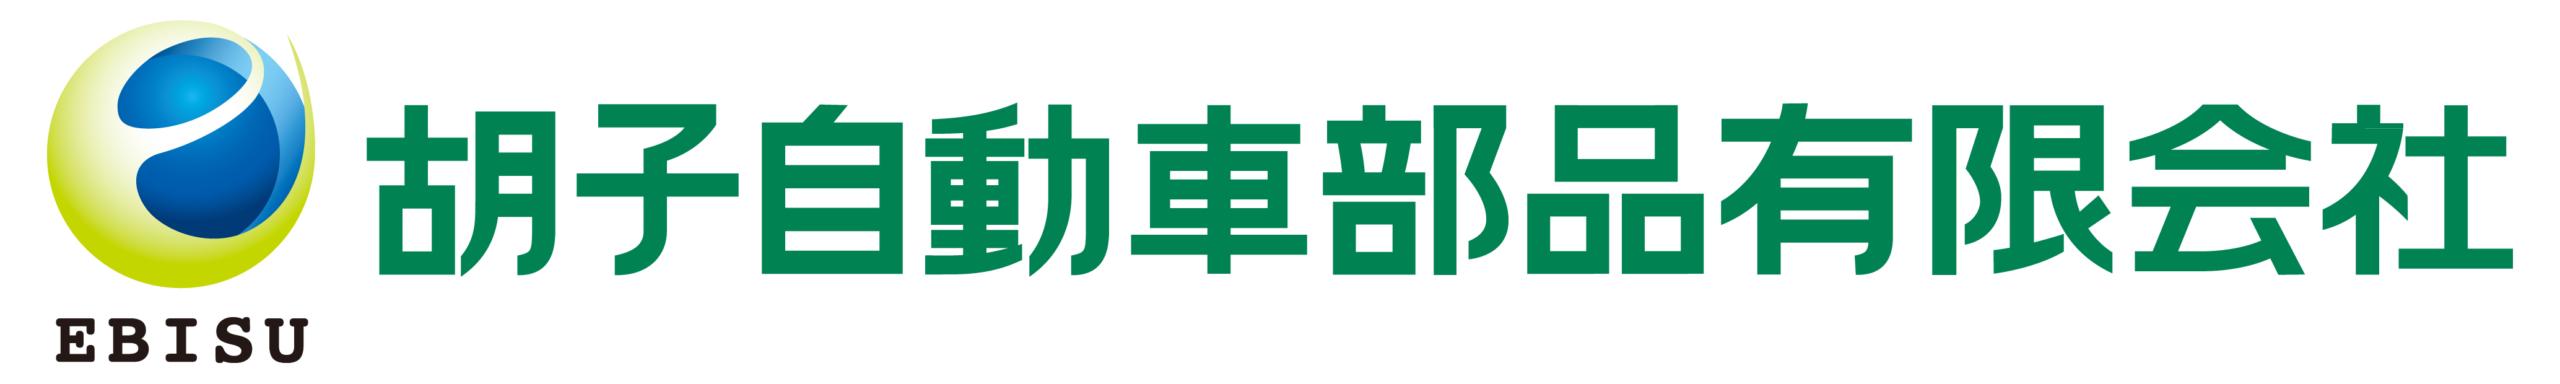 胡子自動車部品・ロゴマーク/カラー